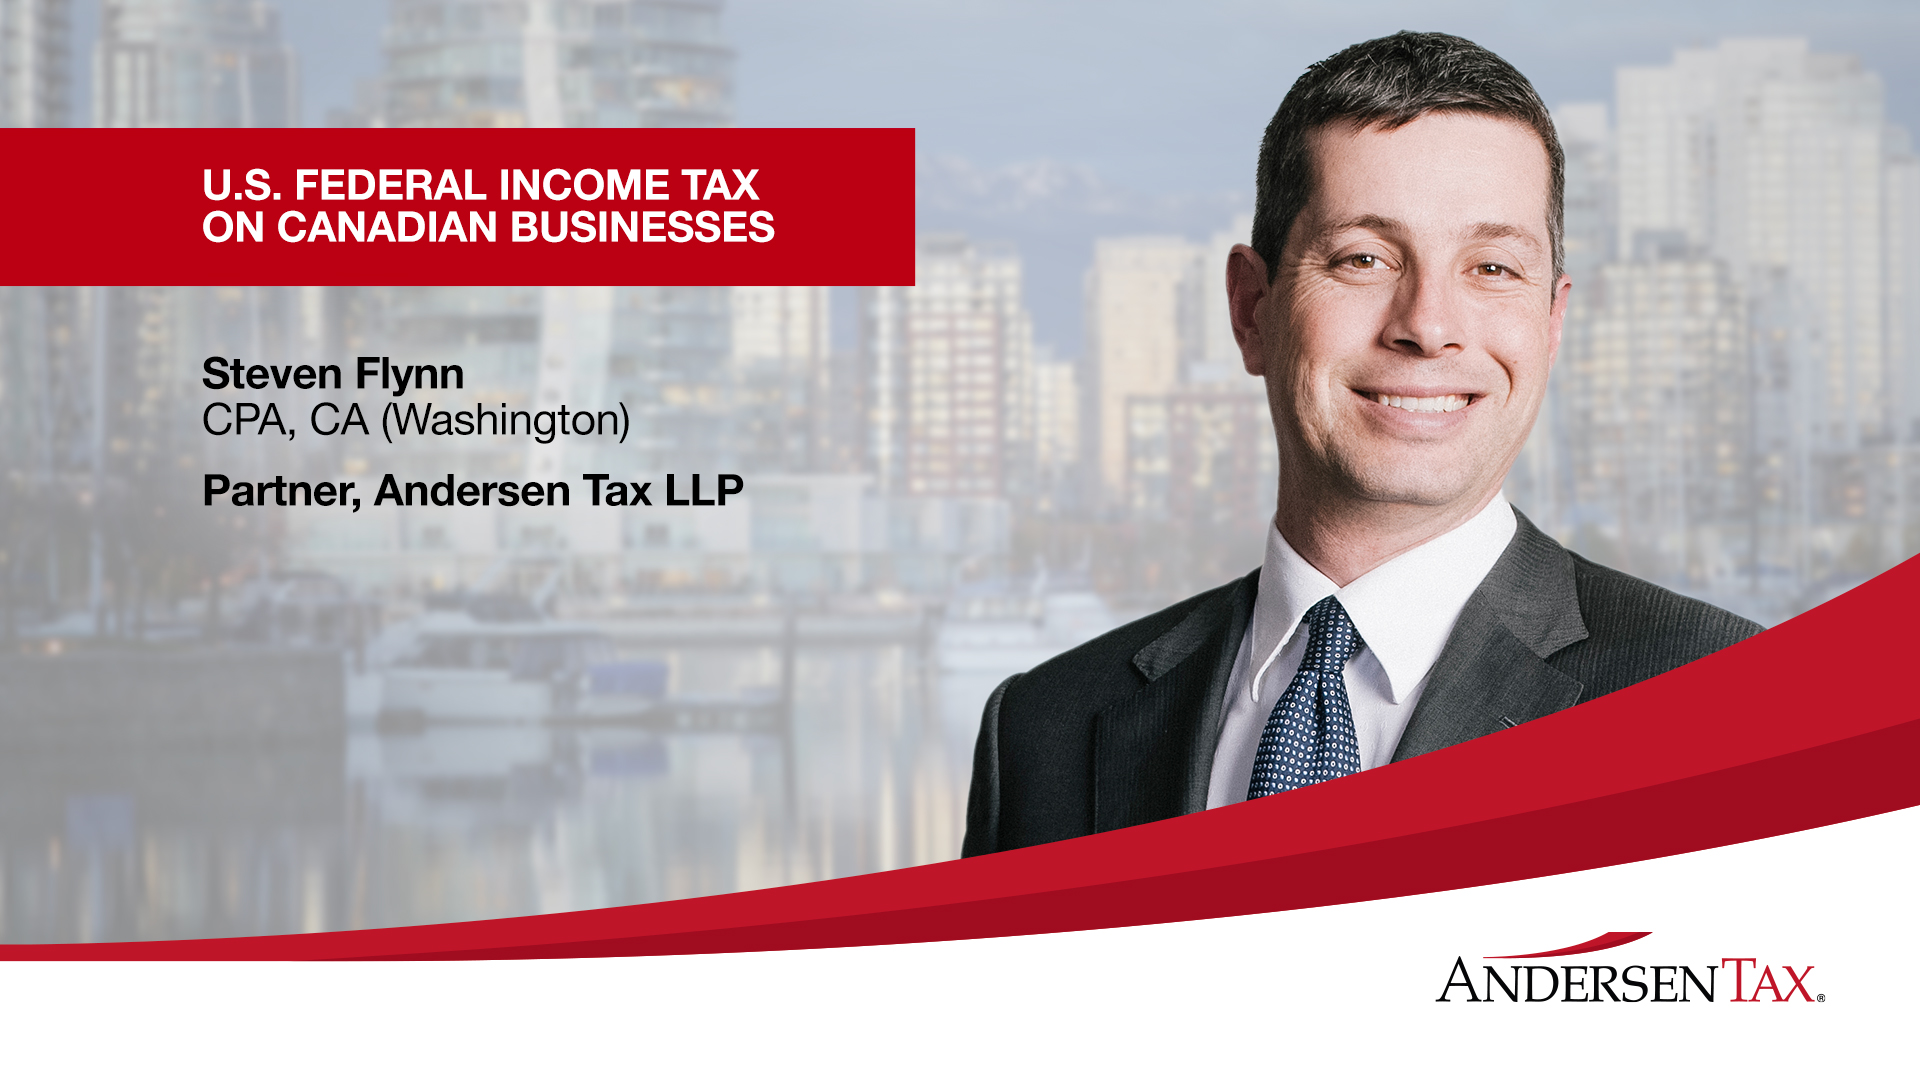 U.S federal corporate income tax